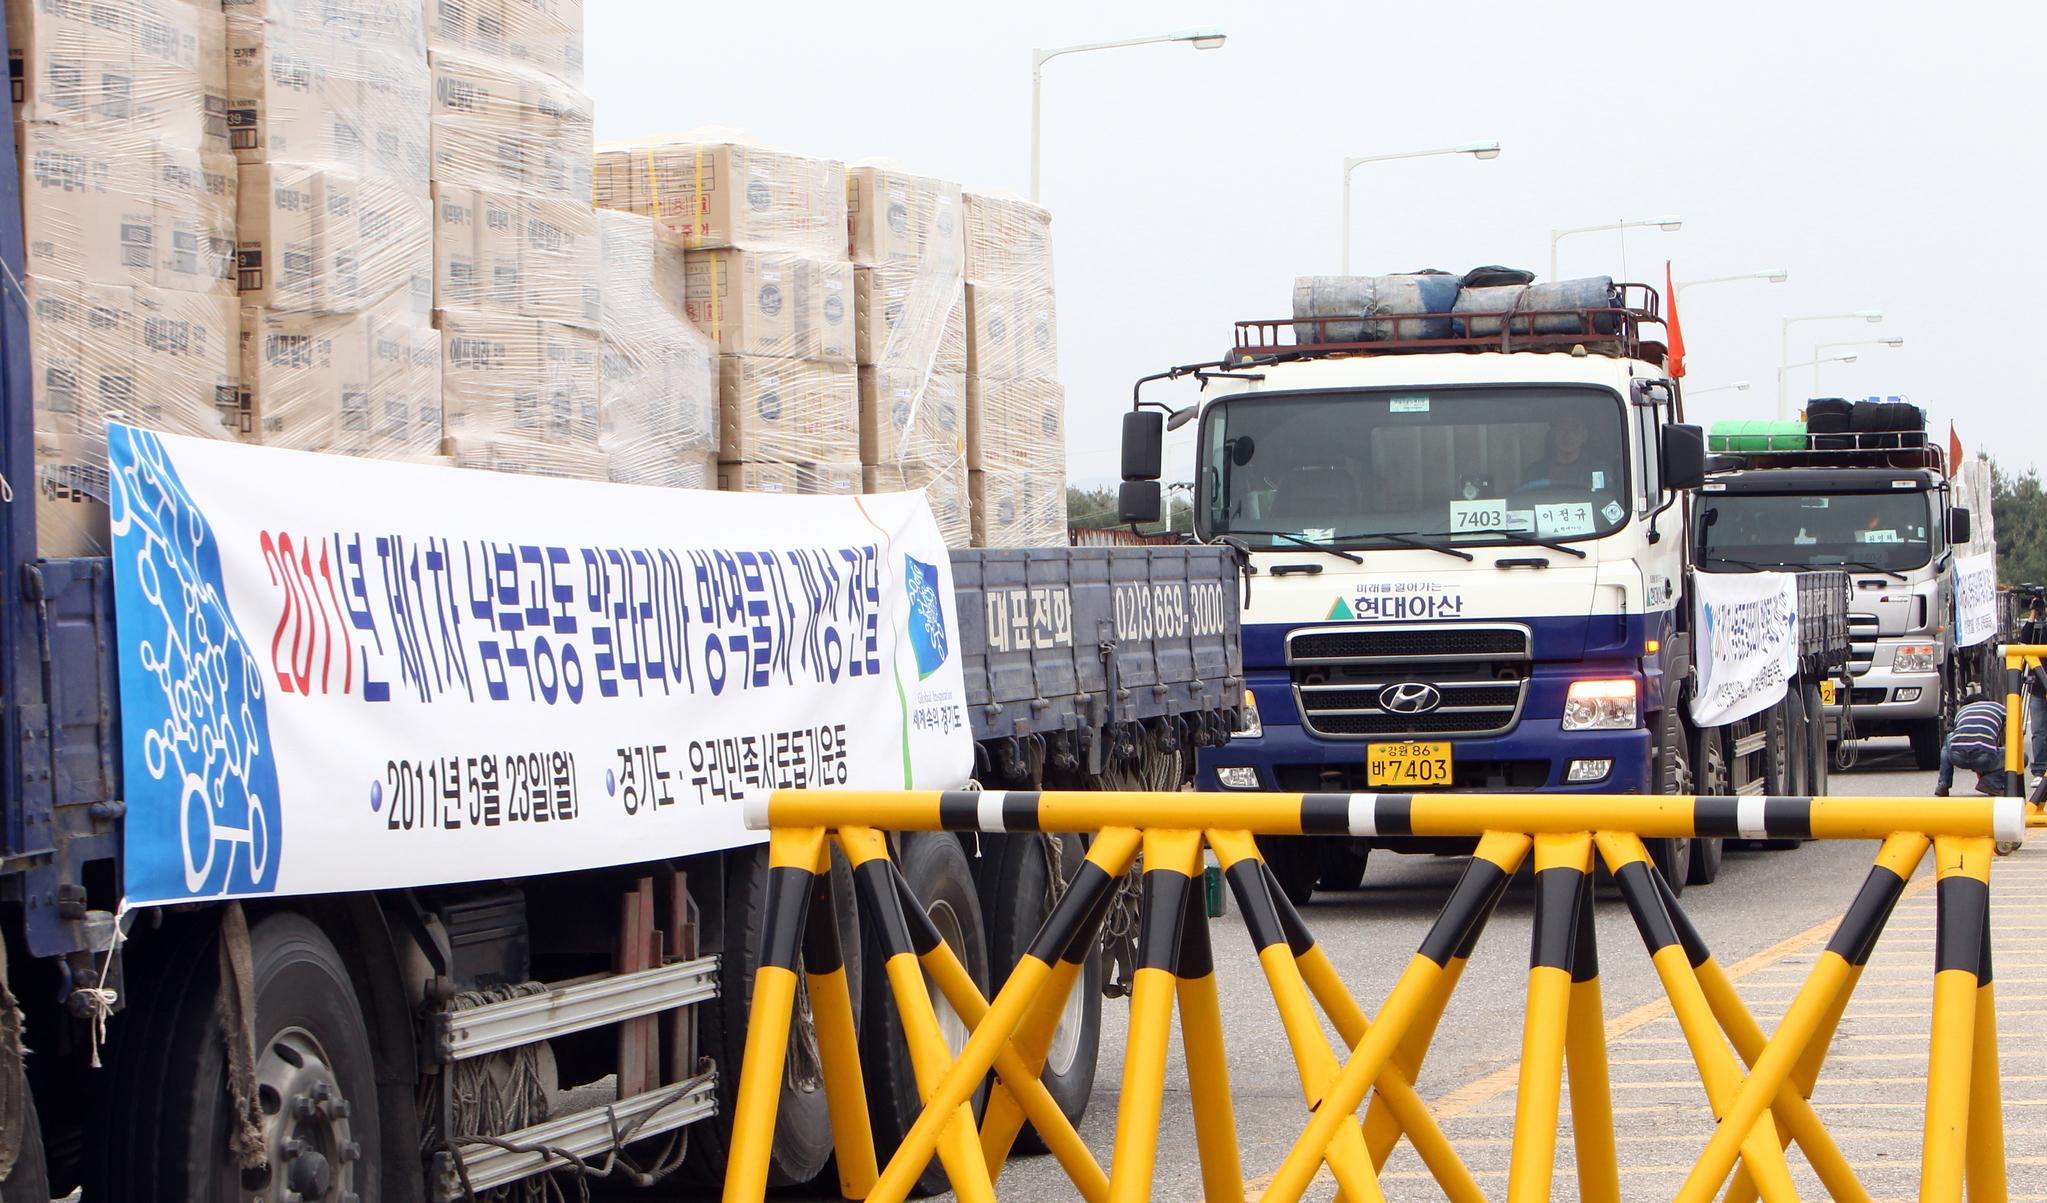 지난 2011년 5월 경기도와 인천시가 마련한 말라리아 예방 약품과 모기장등을 실은 트럭이 개성으로 가기위해 경기도 파주 통일대교를 건너고 있다.[중앙포토]